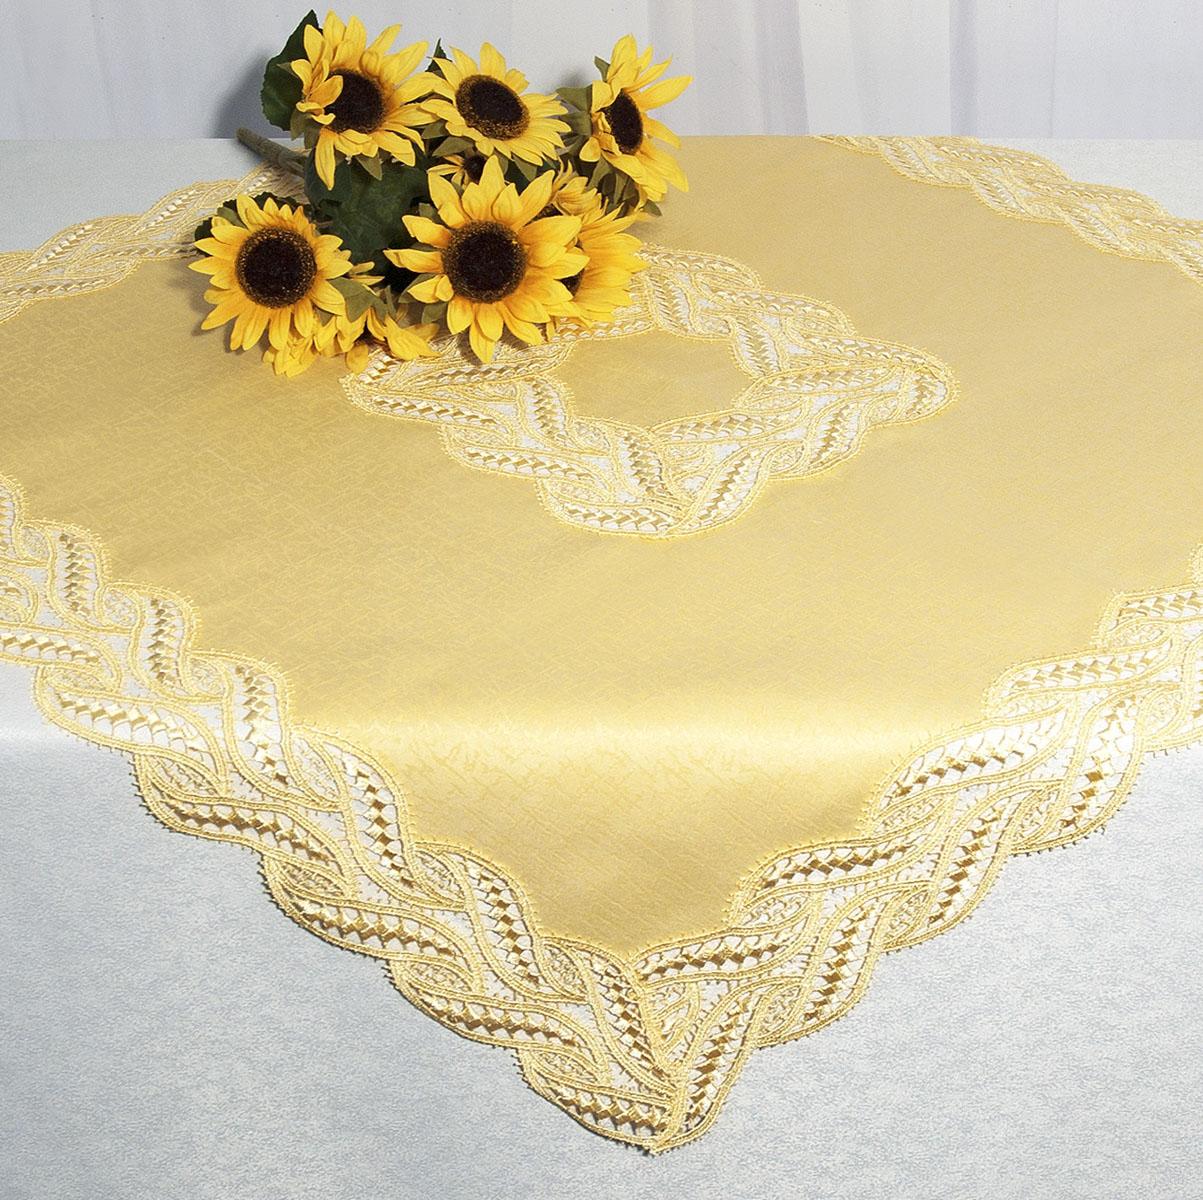 Скатерть Schaefer, квадратная, цвет: золотисто-желтый, 85x 85 см. 3021VT-1520(SR)Квадратная скатерть Schaefer среднего размера, выполненная из полиэстера золотисто-желтого цвета, оформлена вышитым по краю и в центре кружевом, в тон скатерти, в технике - макраме. Изделия из полиэстера легко стирать: они не мнутся, не садятся и быстро сохнут, они более долговечны, чем изделия из натуральных волокон.Вы можете использовать эту скатерть самостоятельно, либо сверху основной, однотонной, большой скатерти. В любом случае она добавит в ваш дом стиля, изысканности и неповторимости. Характеристики:Материал: 100% полиэстер. Цвет: золотисто-желтый. Размер скатерти:85 см х 85 см. Артикул:3021. Немецкая компания Schaefer создана в 1921 году. На протяжении всего времени существования она создает уникальные коллекции домашнего текстиля для гостиных, спален, кухонь и ванных комнат. Дизайнерские идеи немецких художников компании Schaefer воплощаются в текстильных изделиях, которые сделают ваш дом красивее и уютнее и не останутся незамеченными вашими гостями. Дарите себе и близким красоту каждый день!